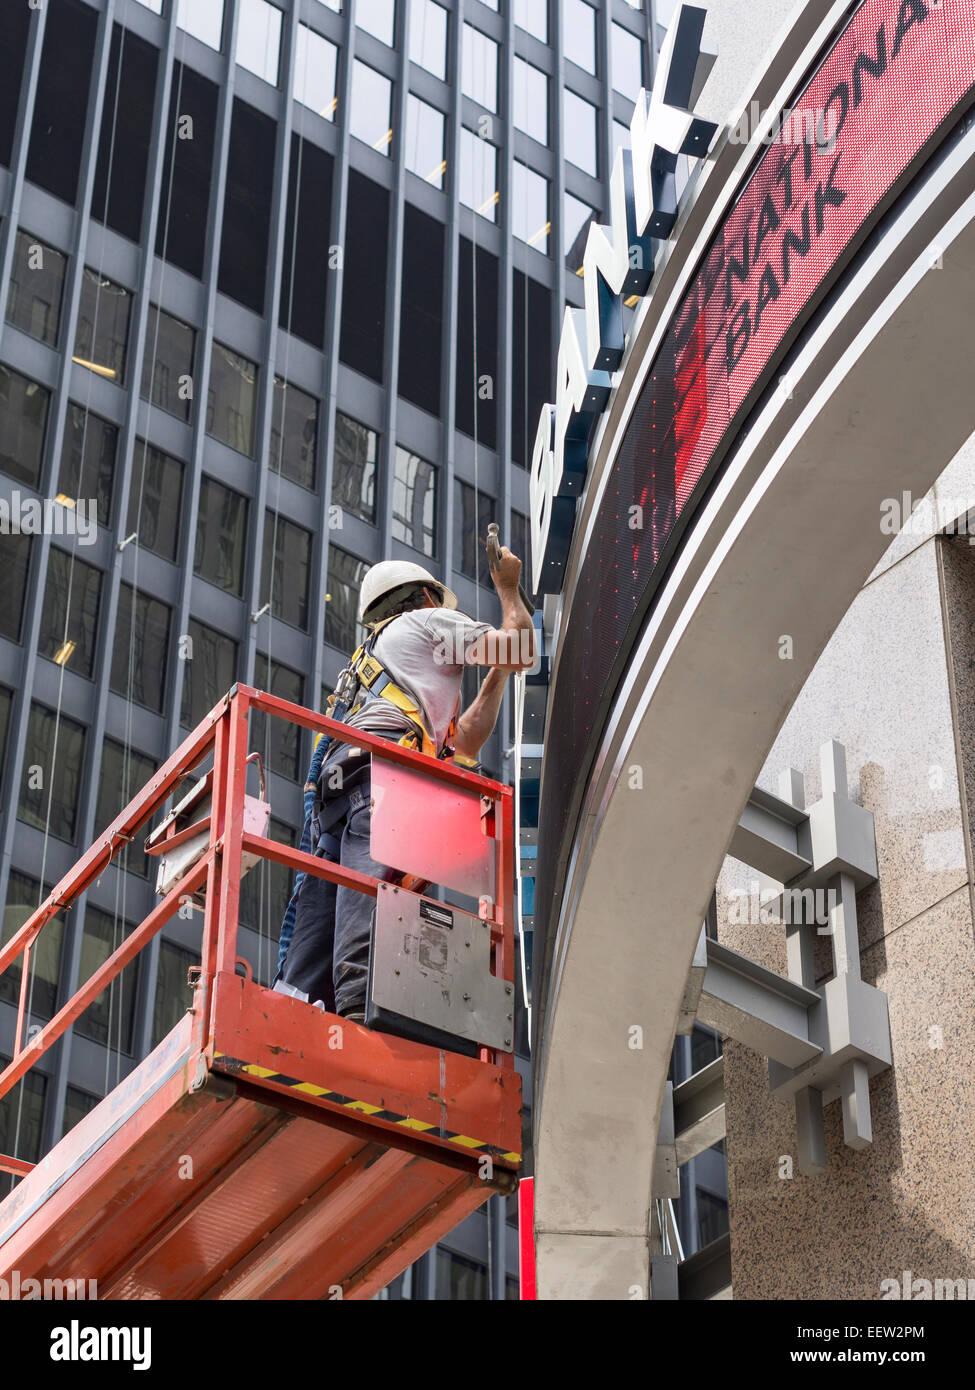 Réparation de la banque . Un travailleur utilise un marteau car il travaille sur la réparation ou l'installation Photo Stock